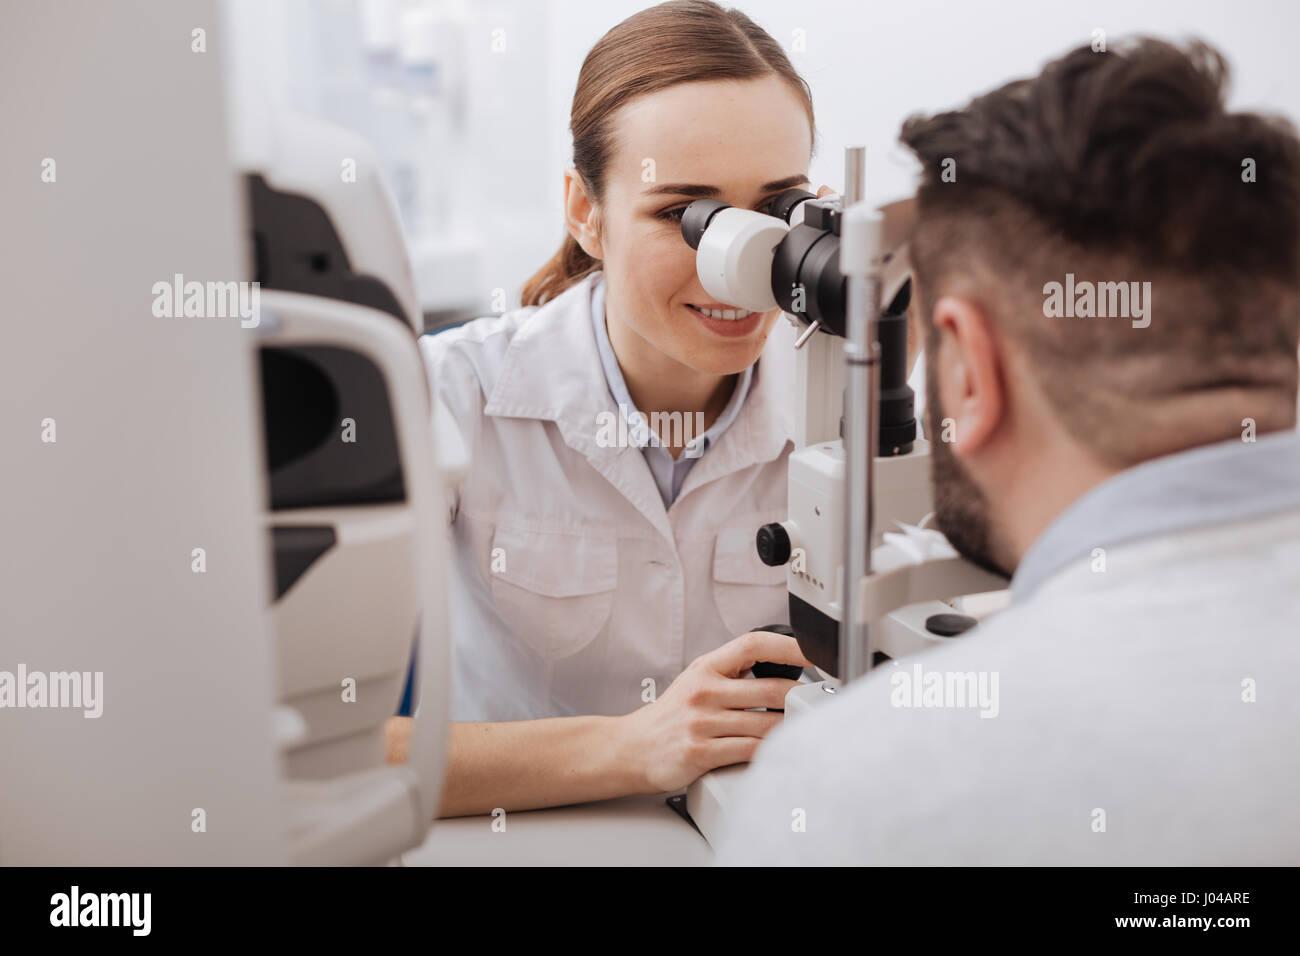 Cheerful positive doctor enjoying her job - Stock Image